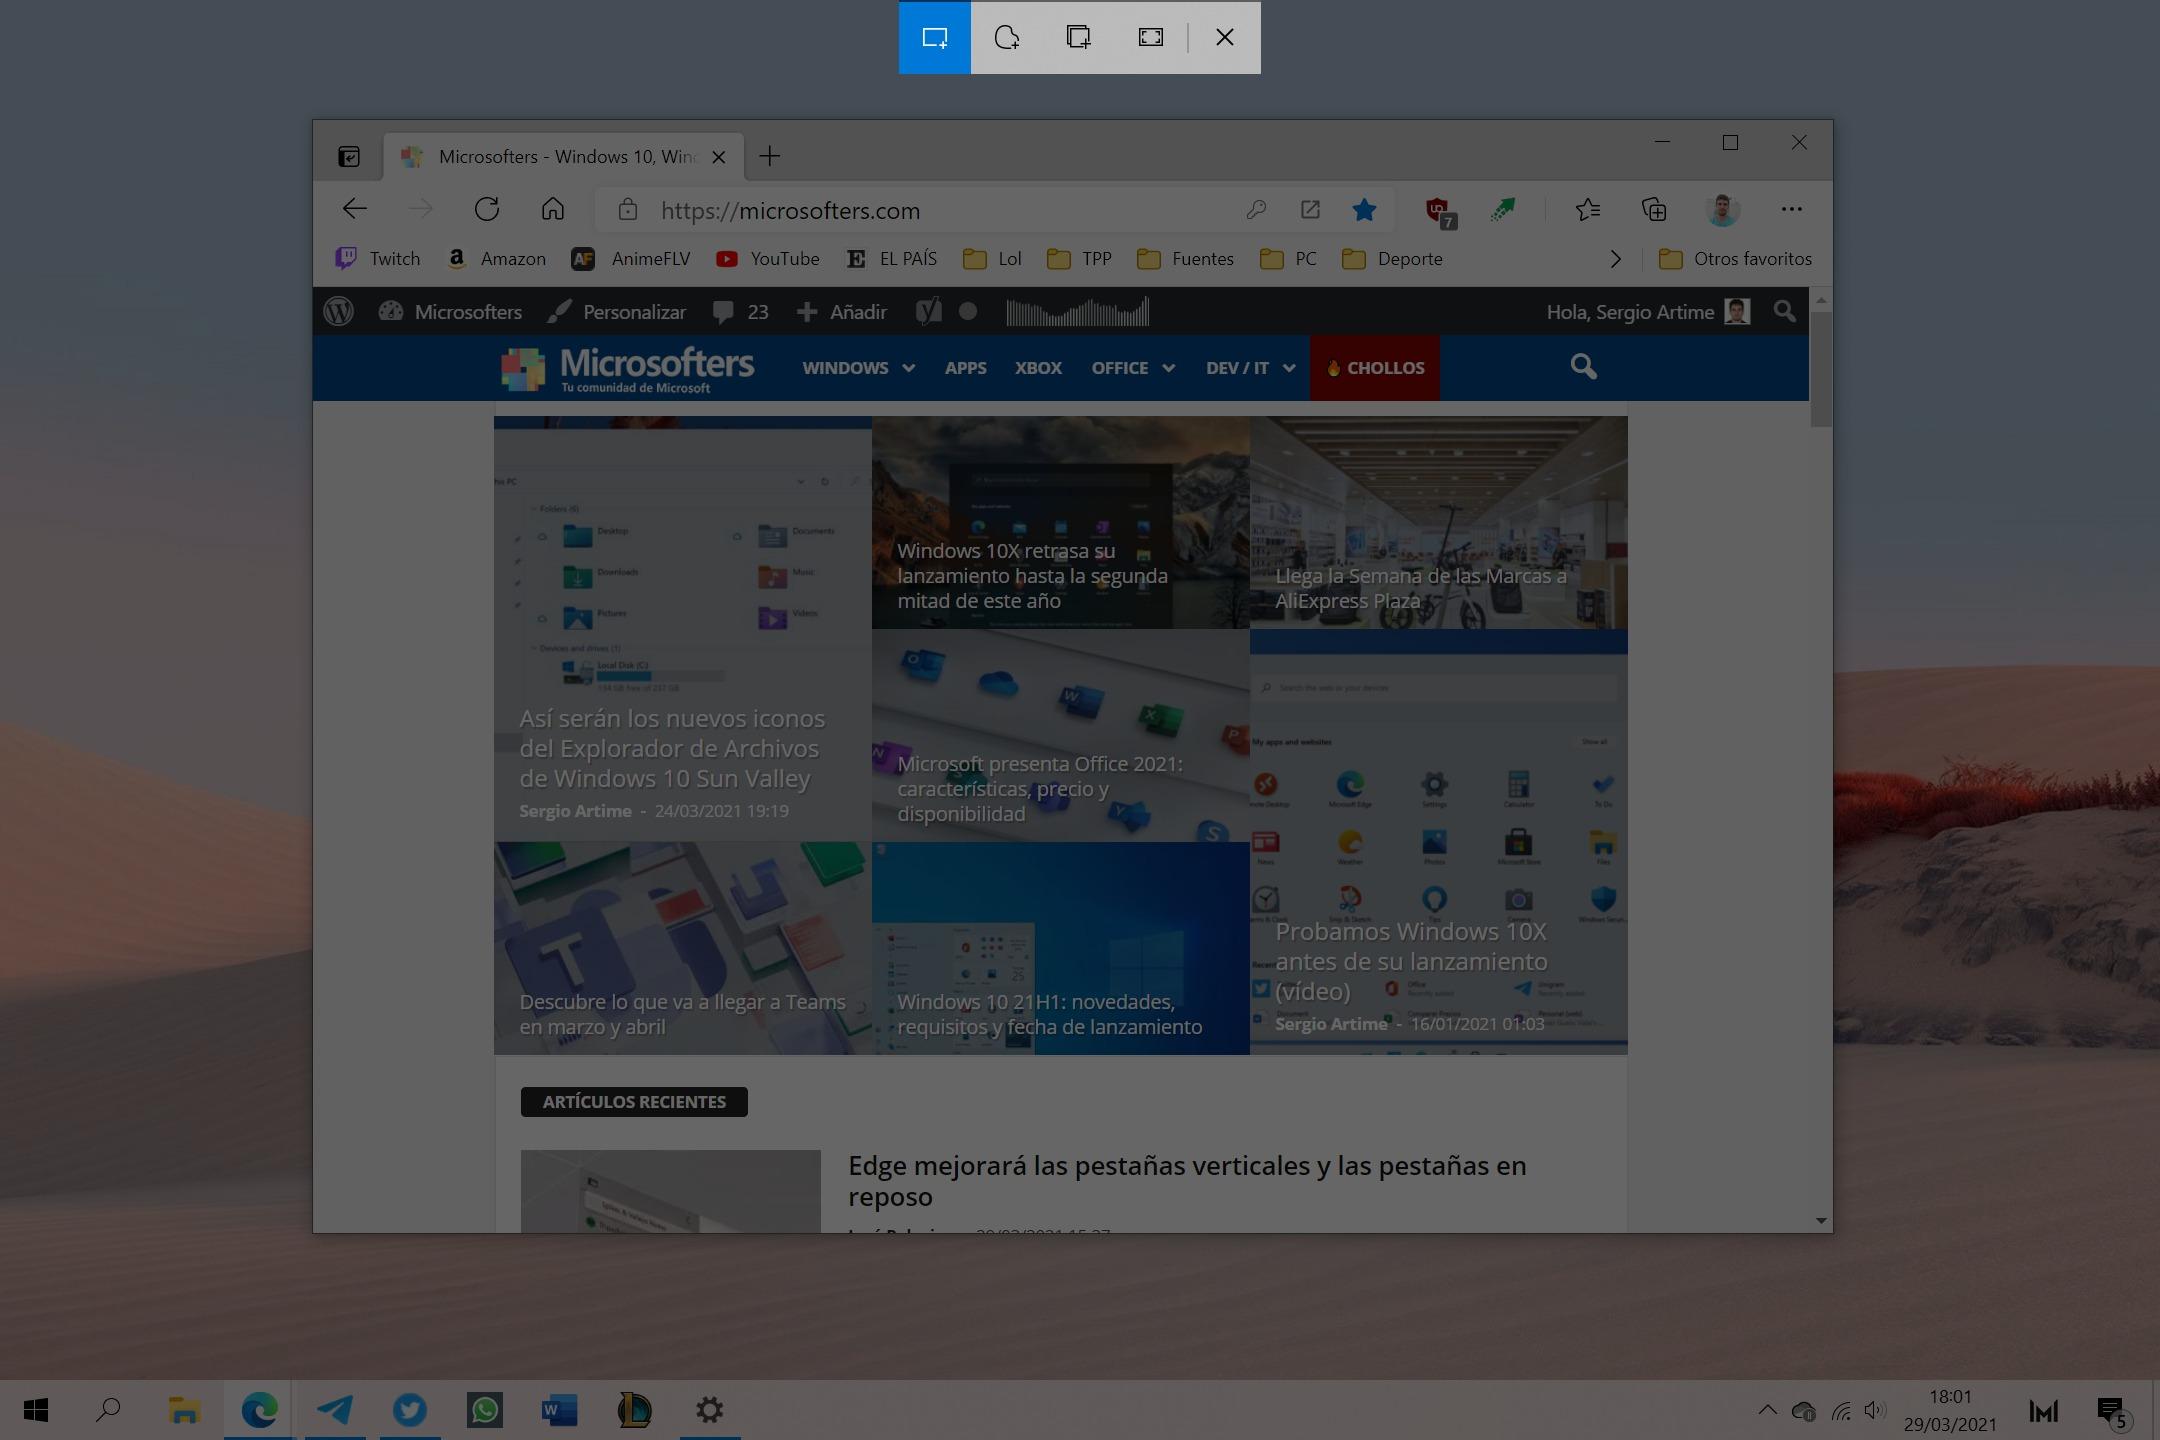 Captura y anotación de Windows 10